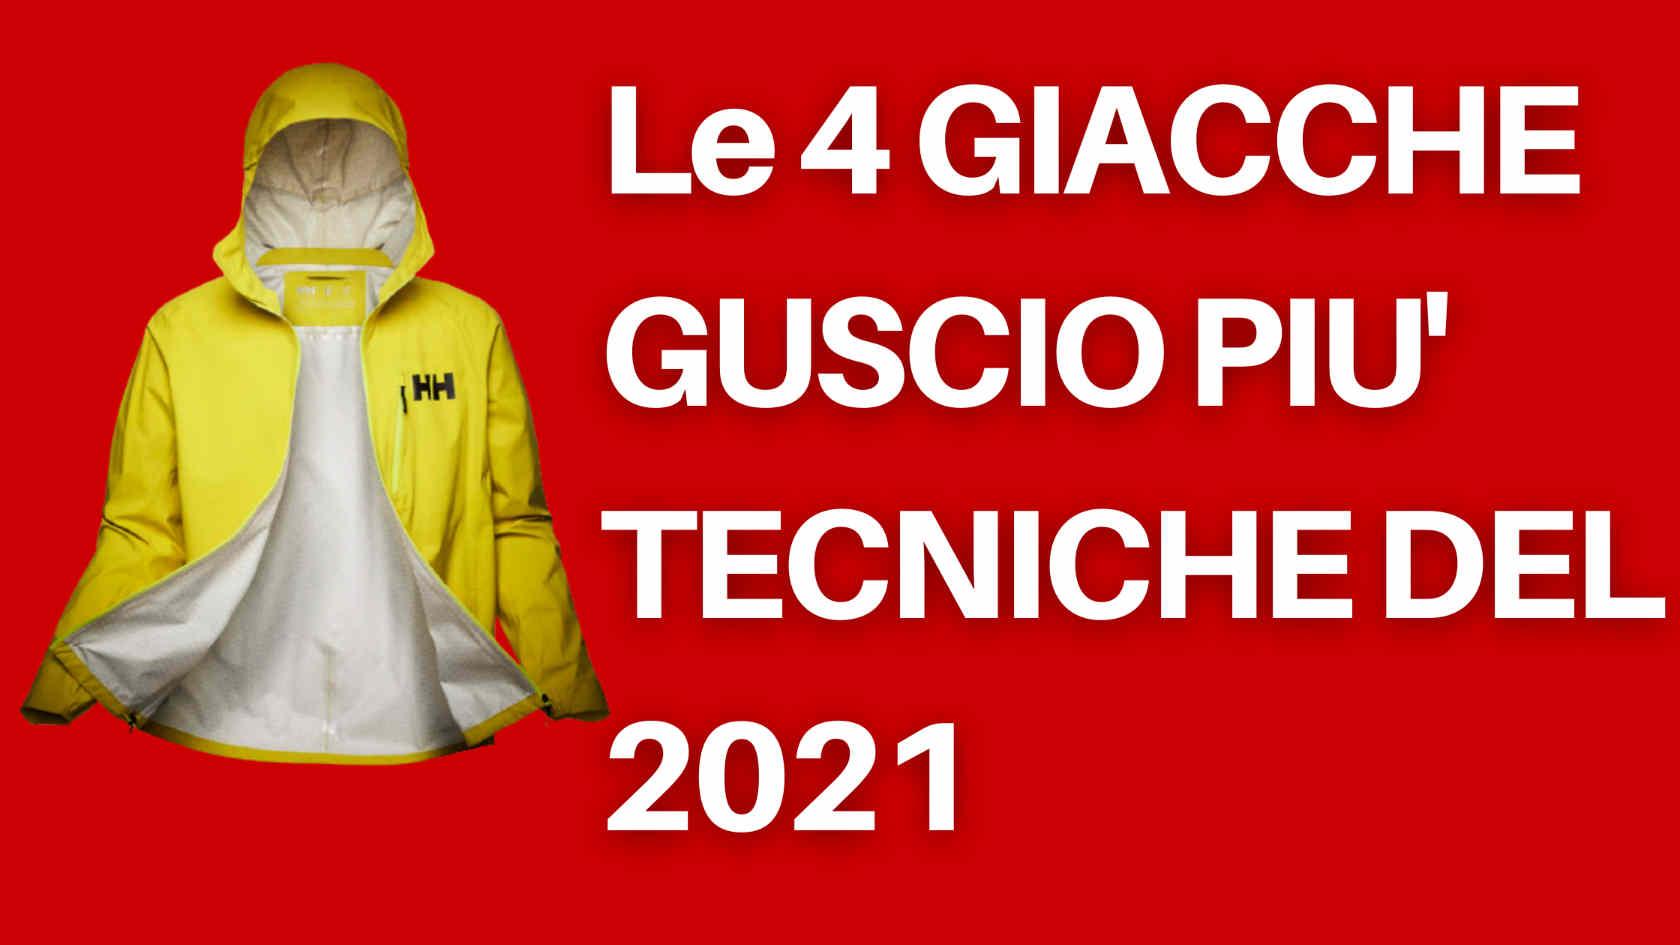 le 4 giacche guscio più tecniche del 2021